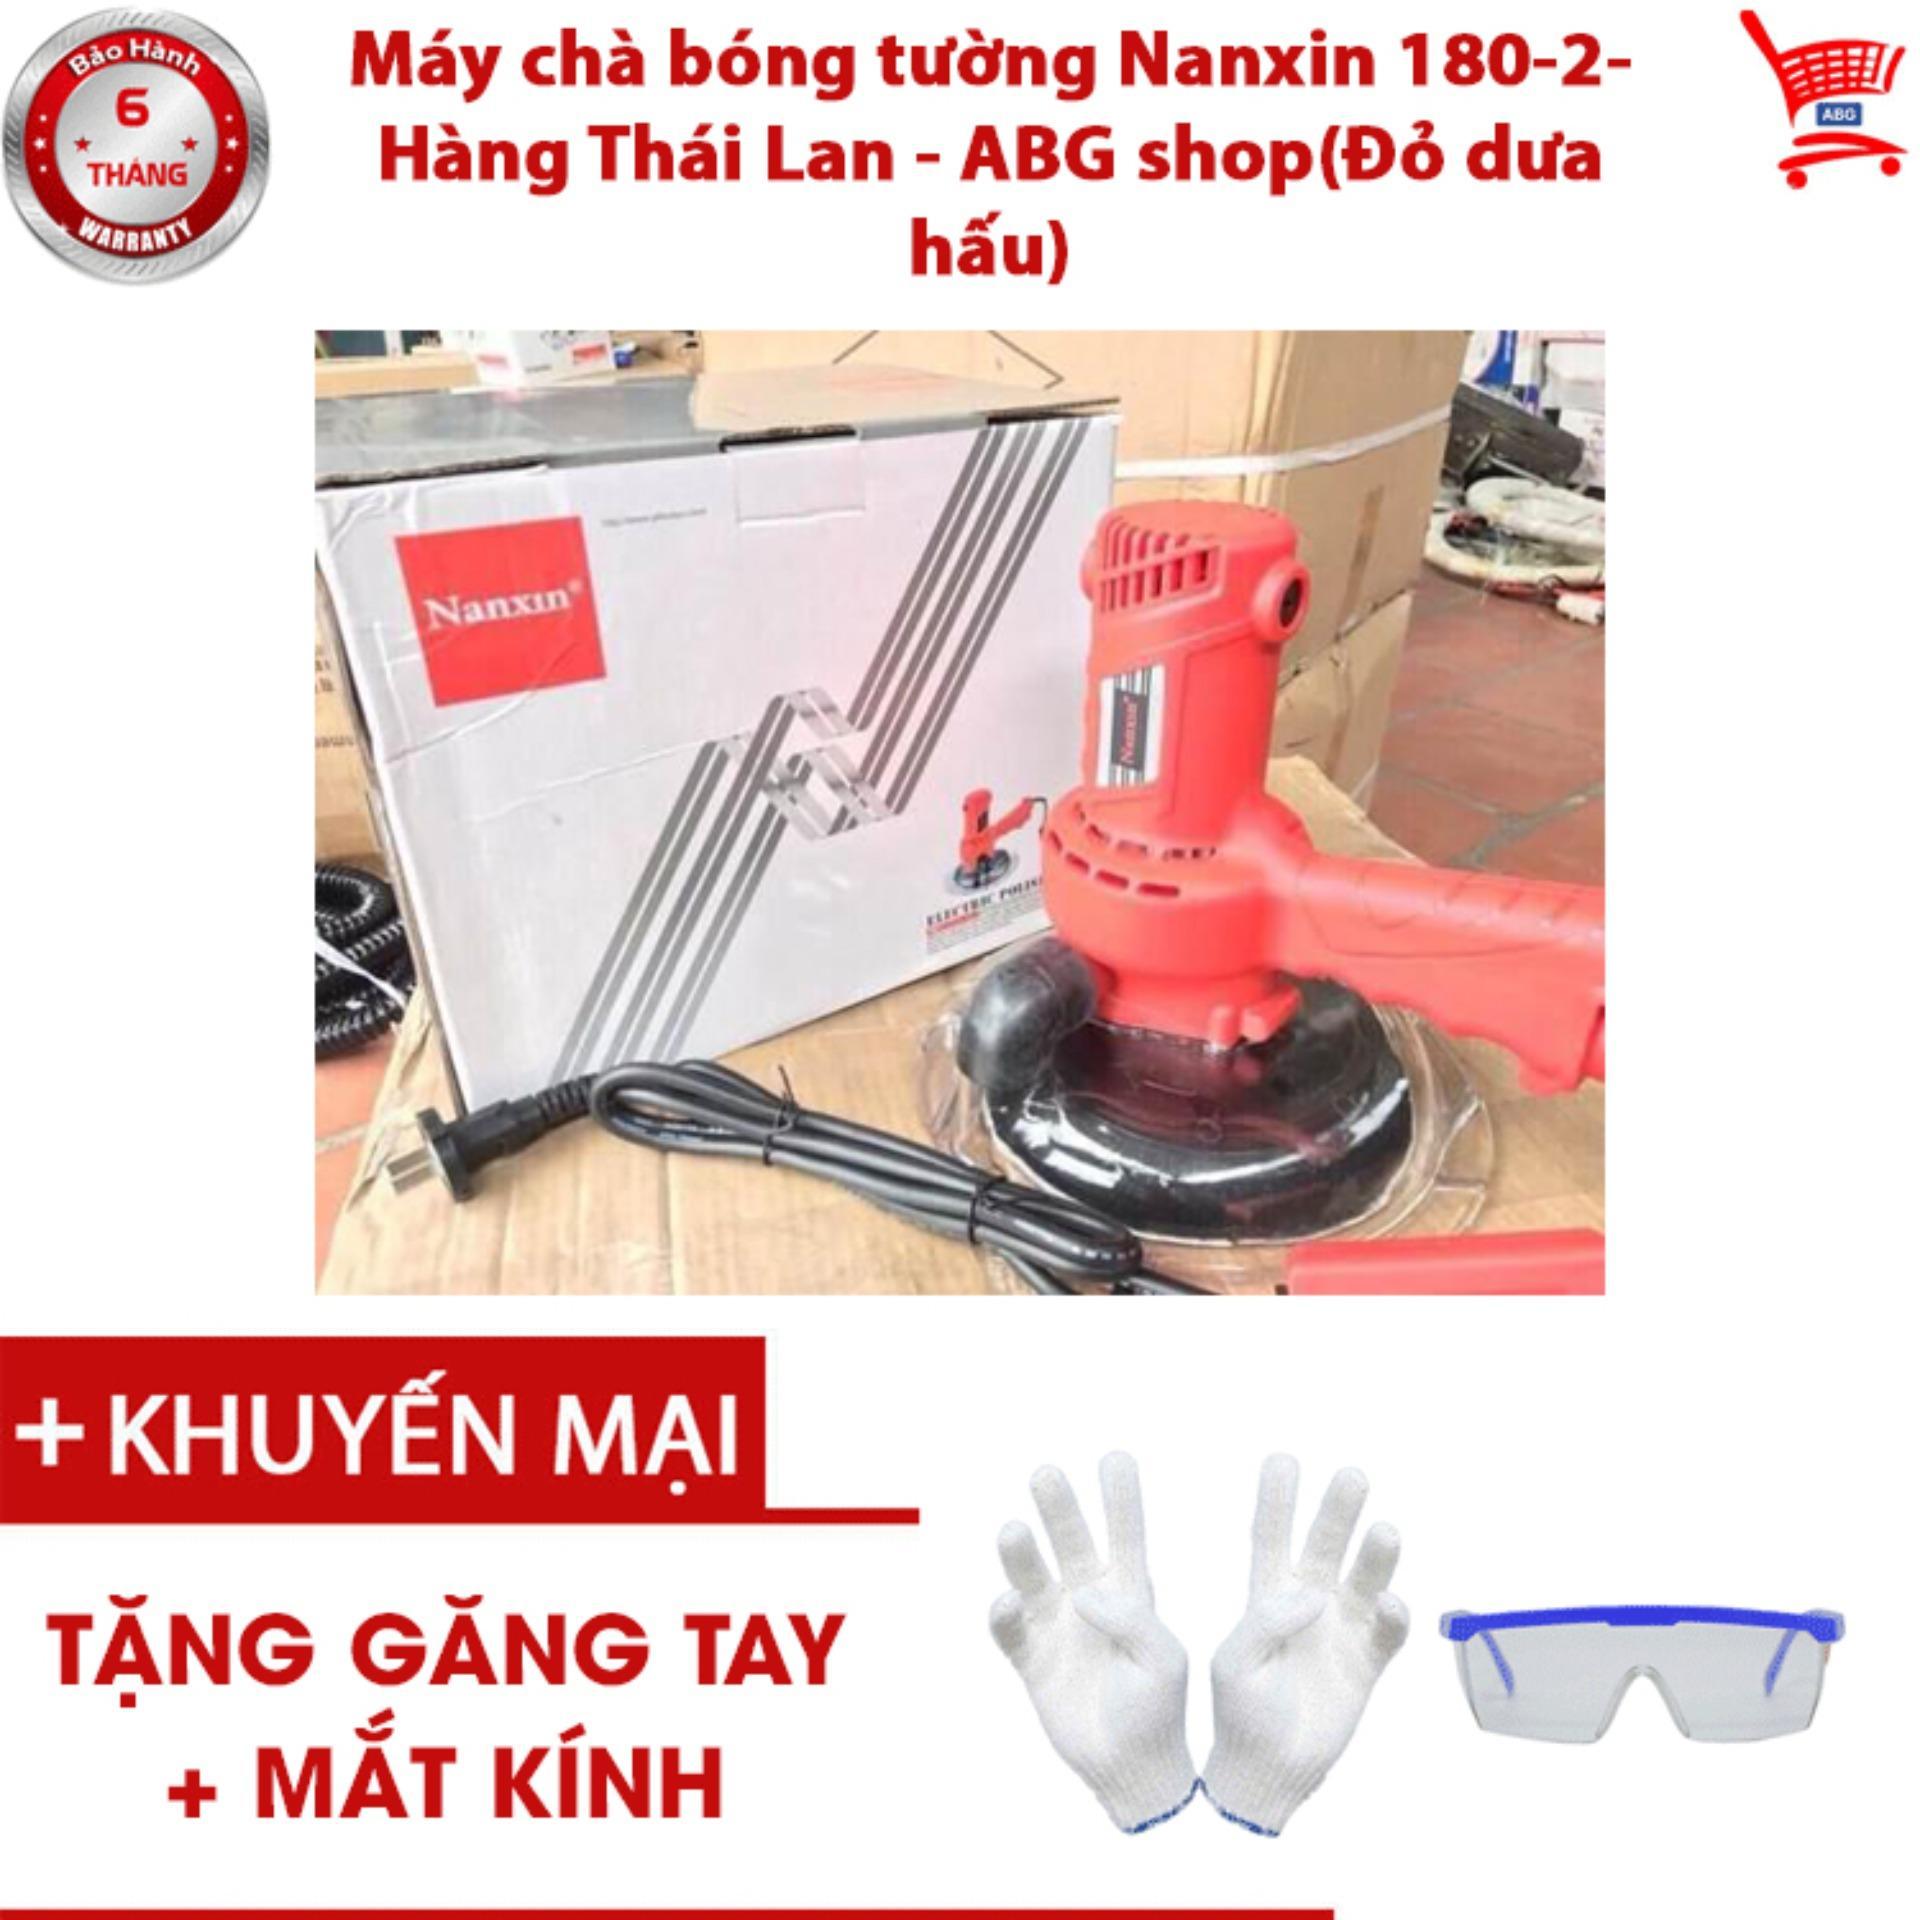 Máy chà bóng tường Nanxin 180-2- Hàng Thái Lan - ABG shop